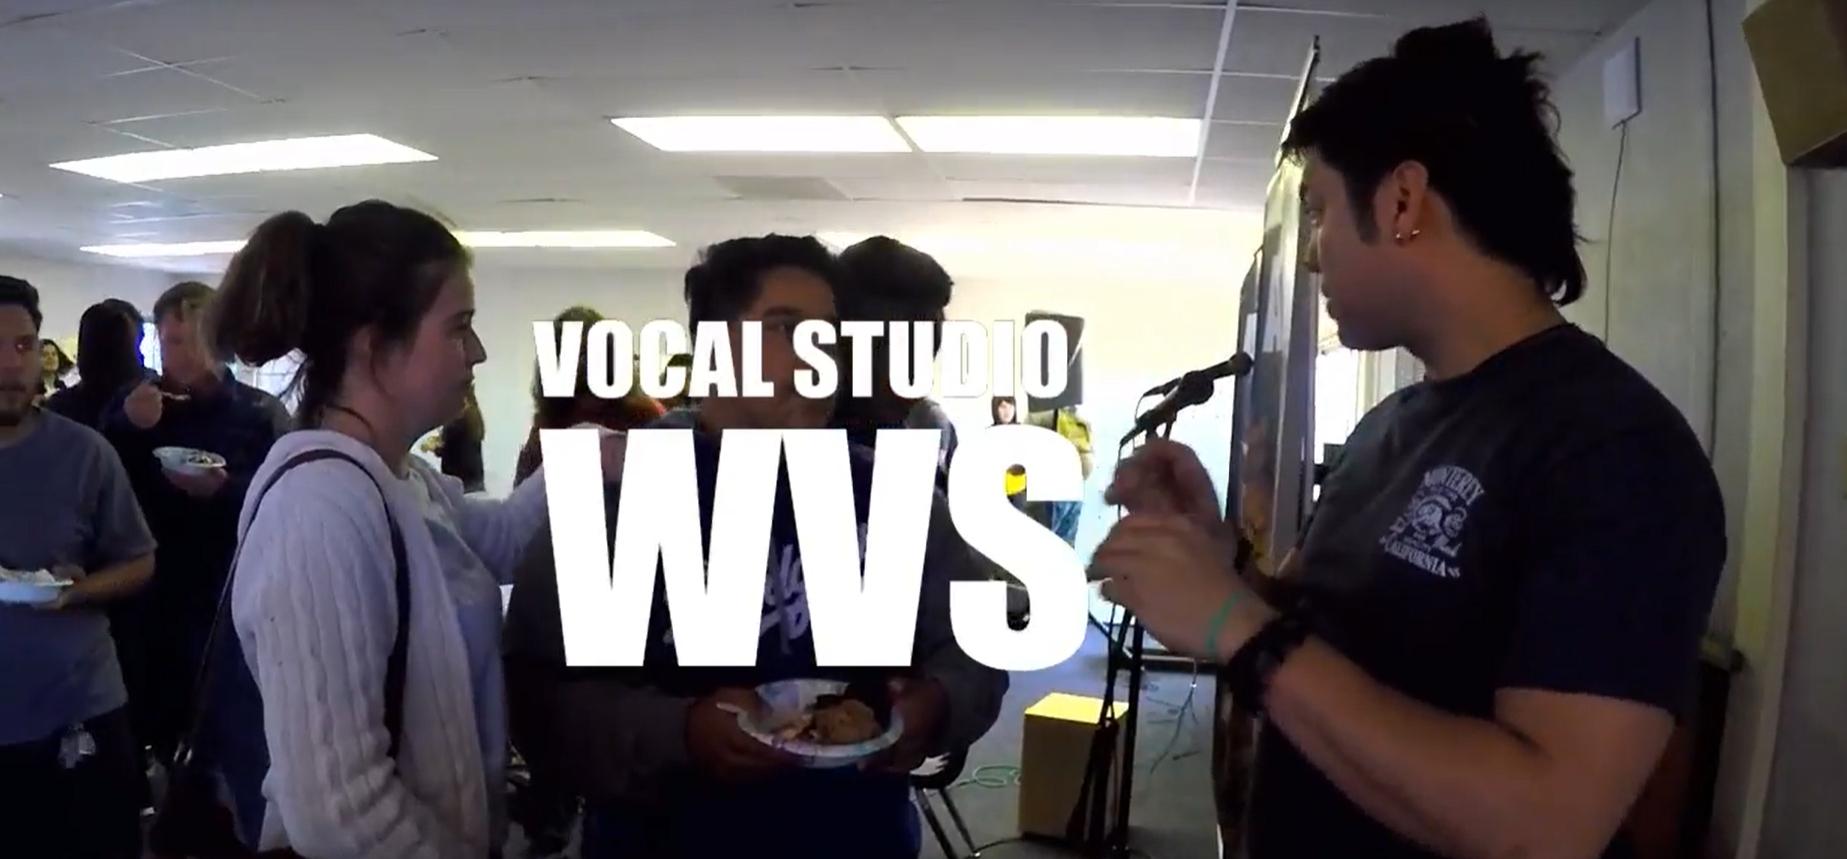 WVS - Will's Vocal Studio